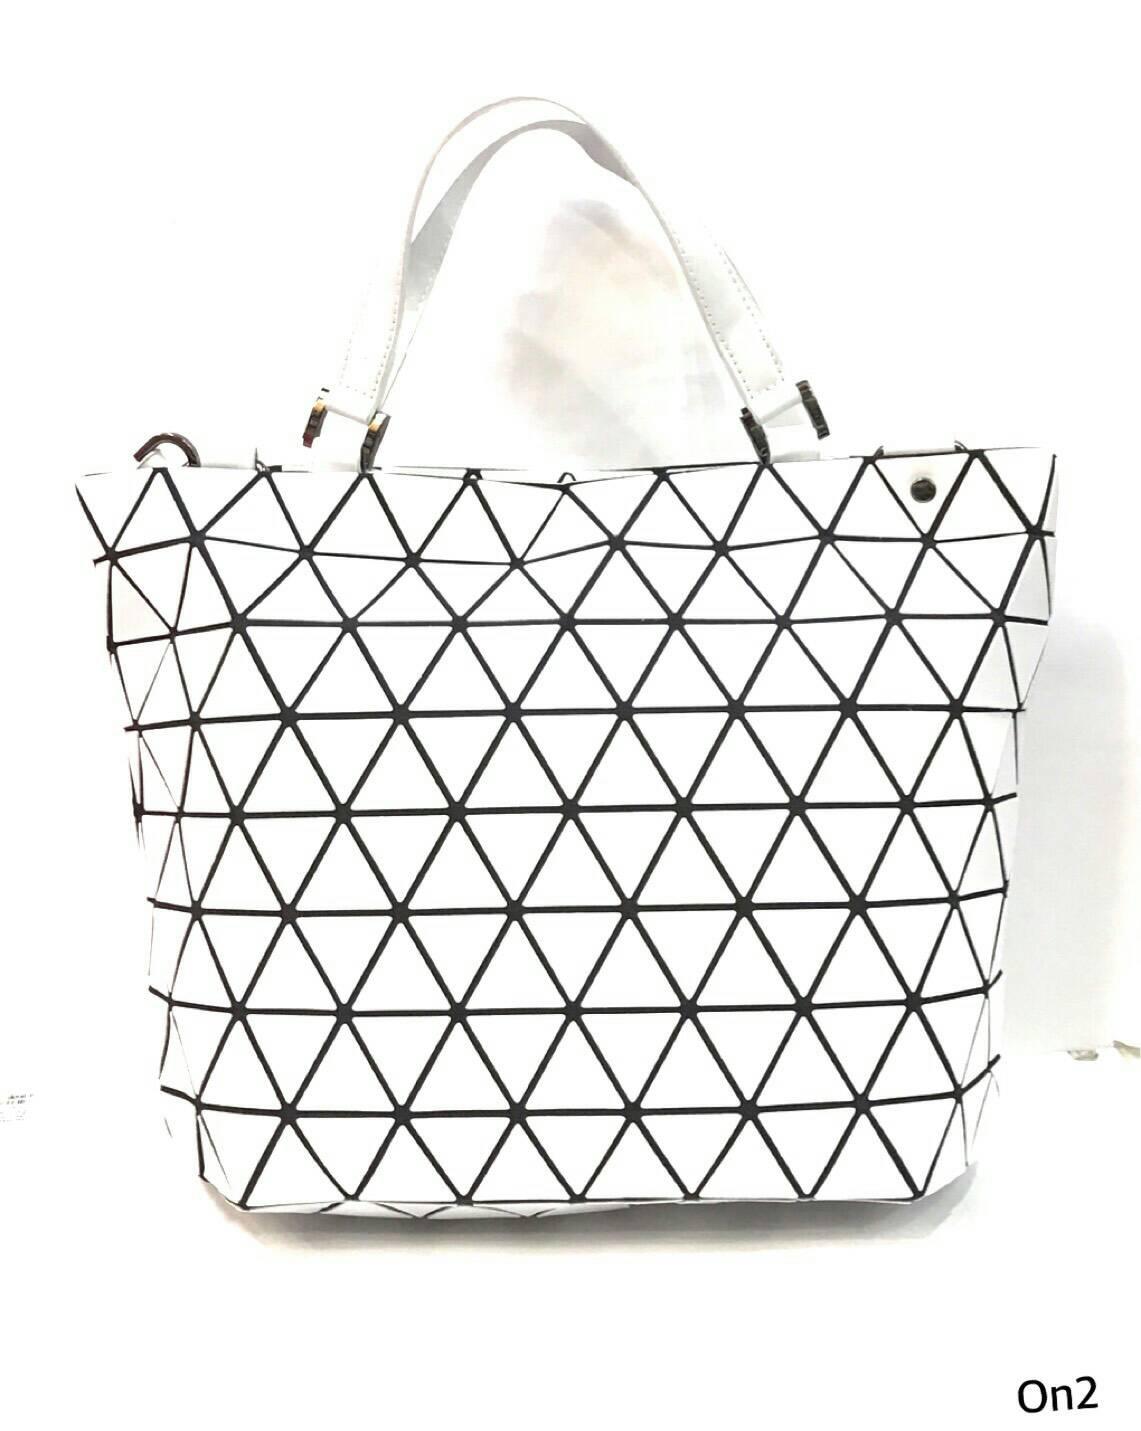 &#x1F49E*Issey Miyake Tote bag *